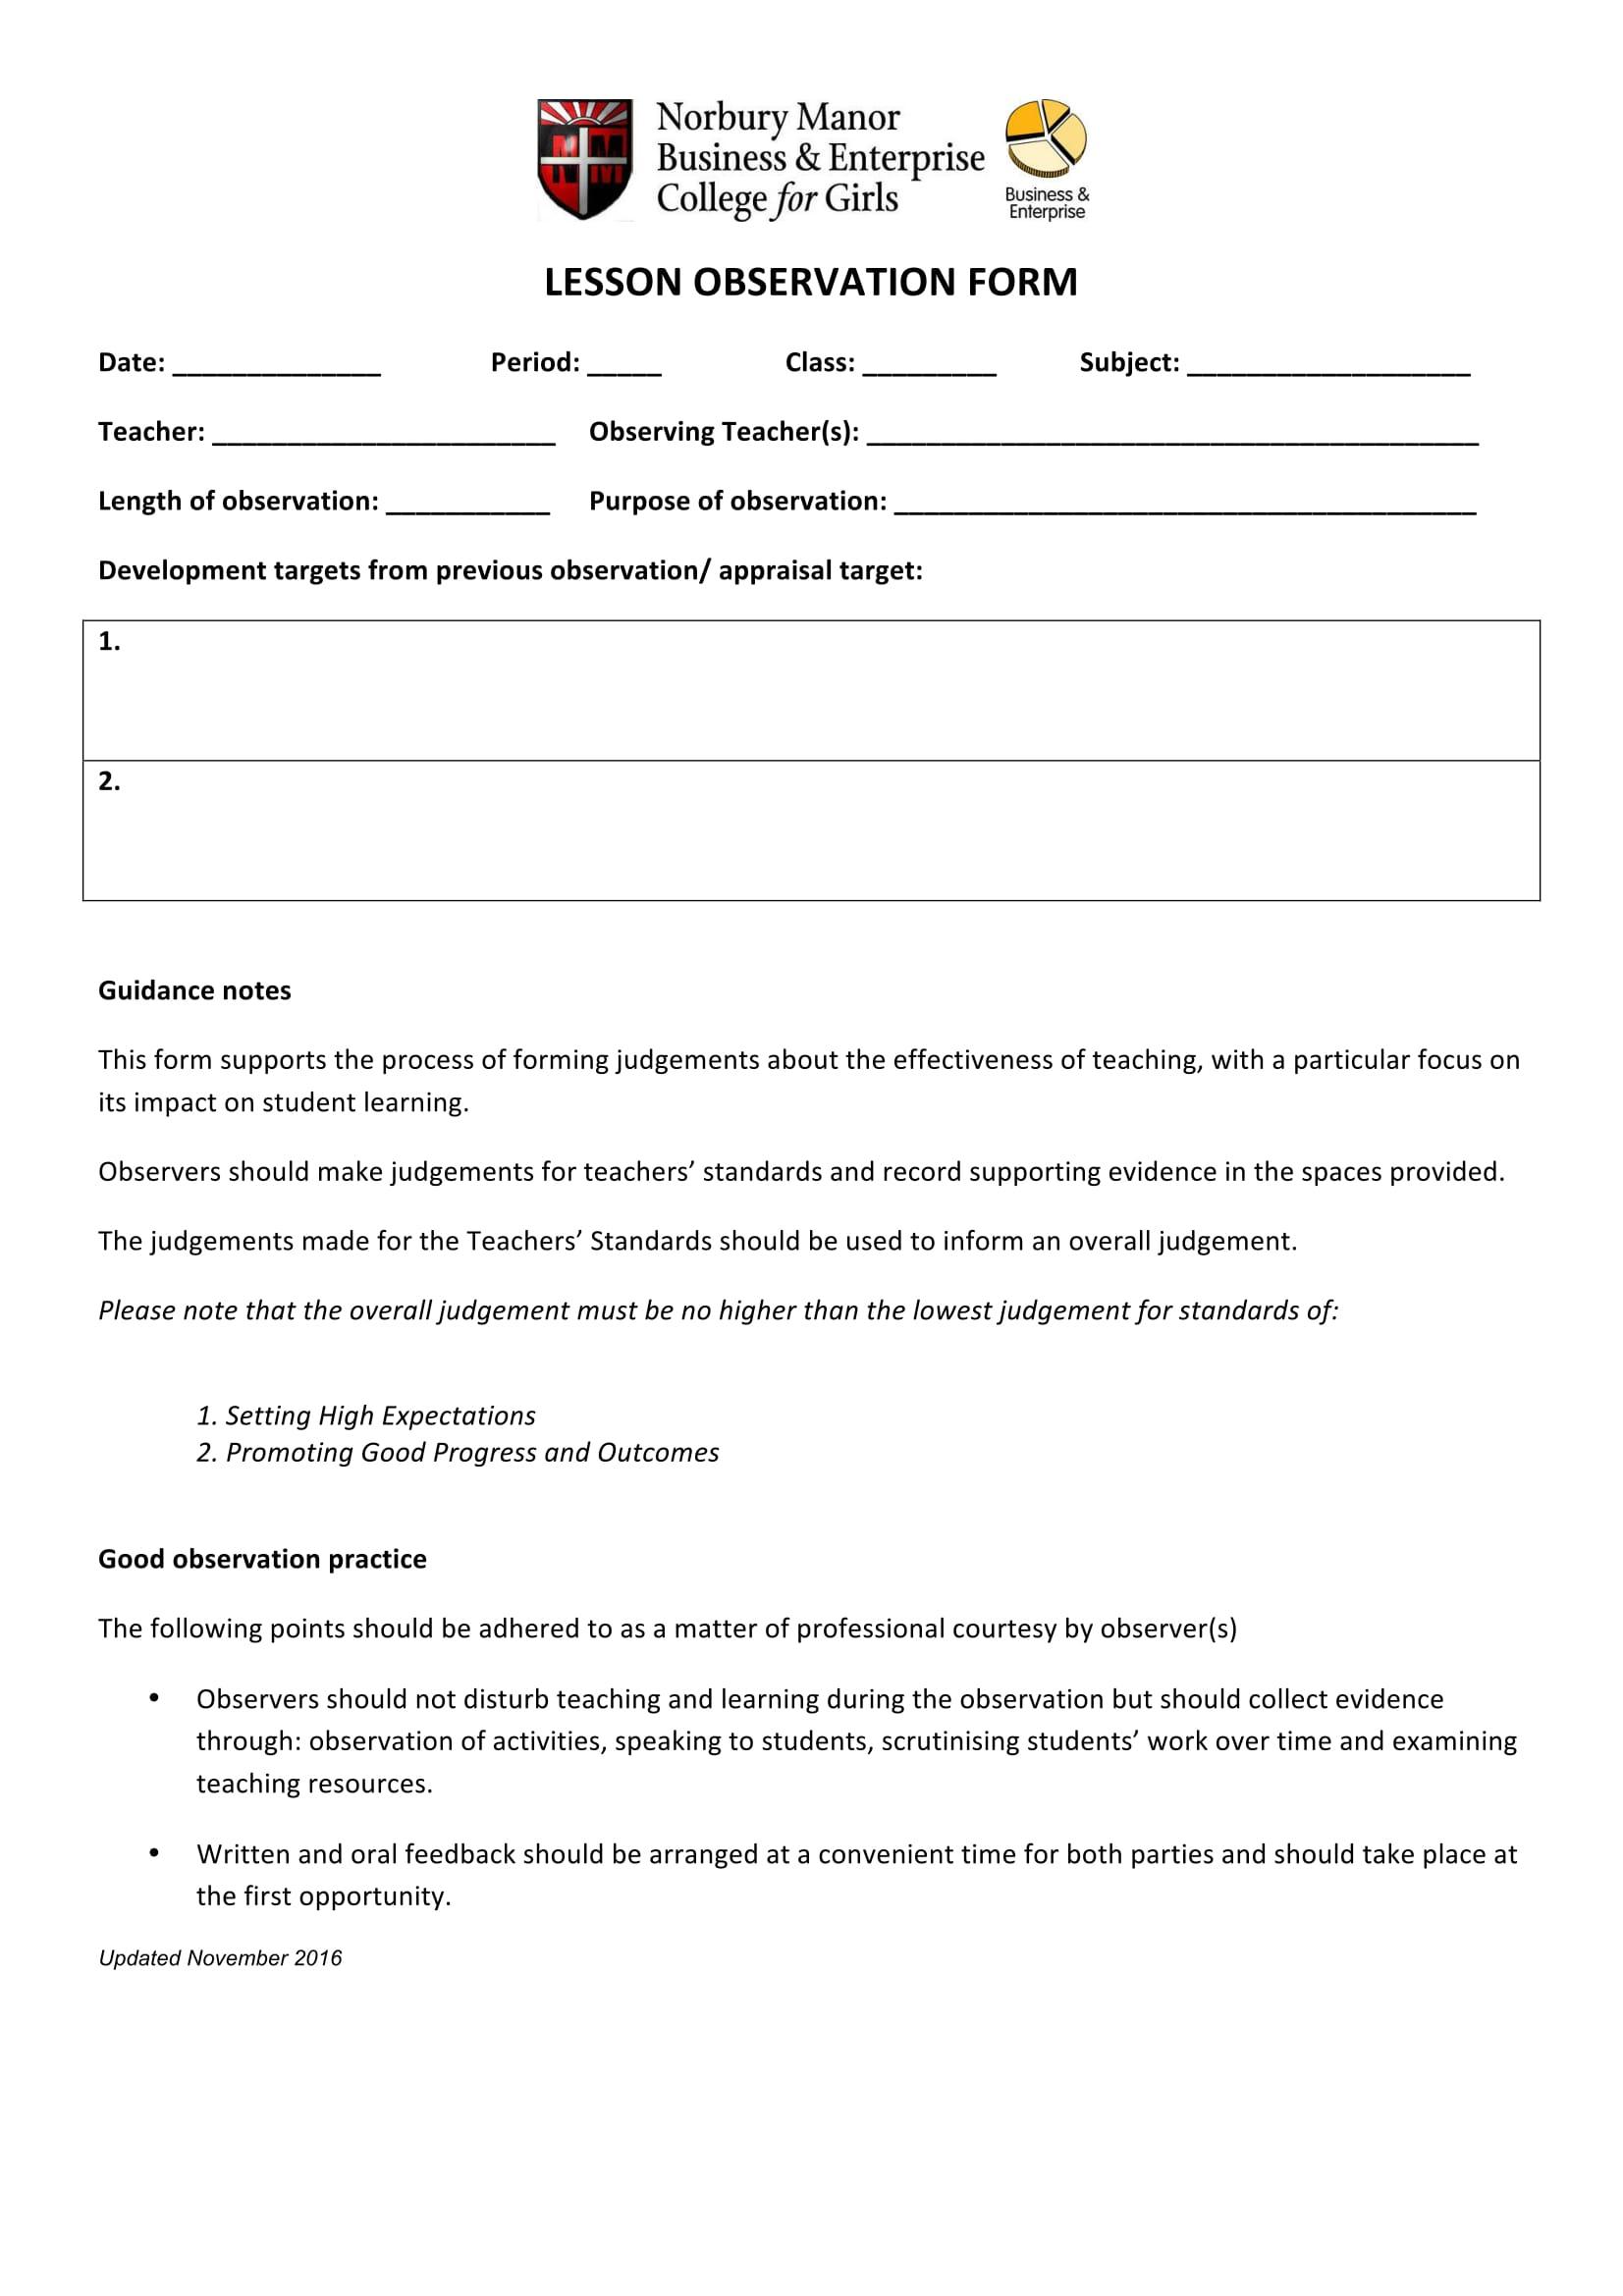 lesson observation form sample 1